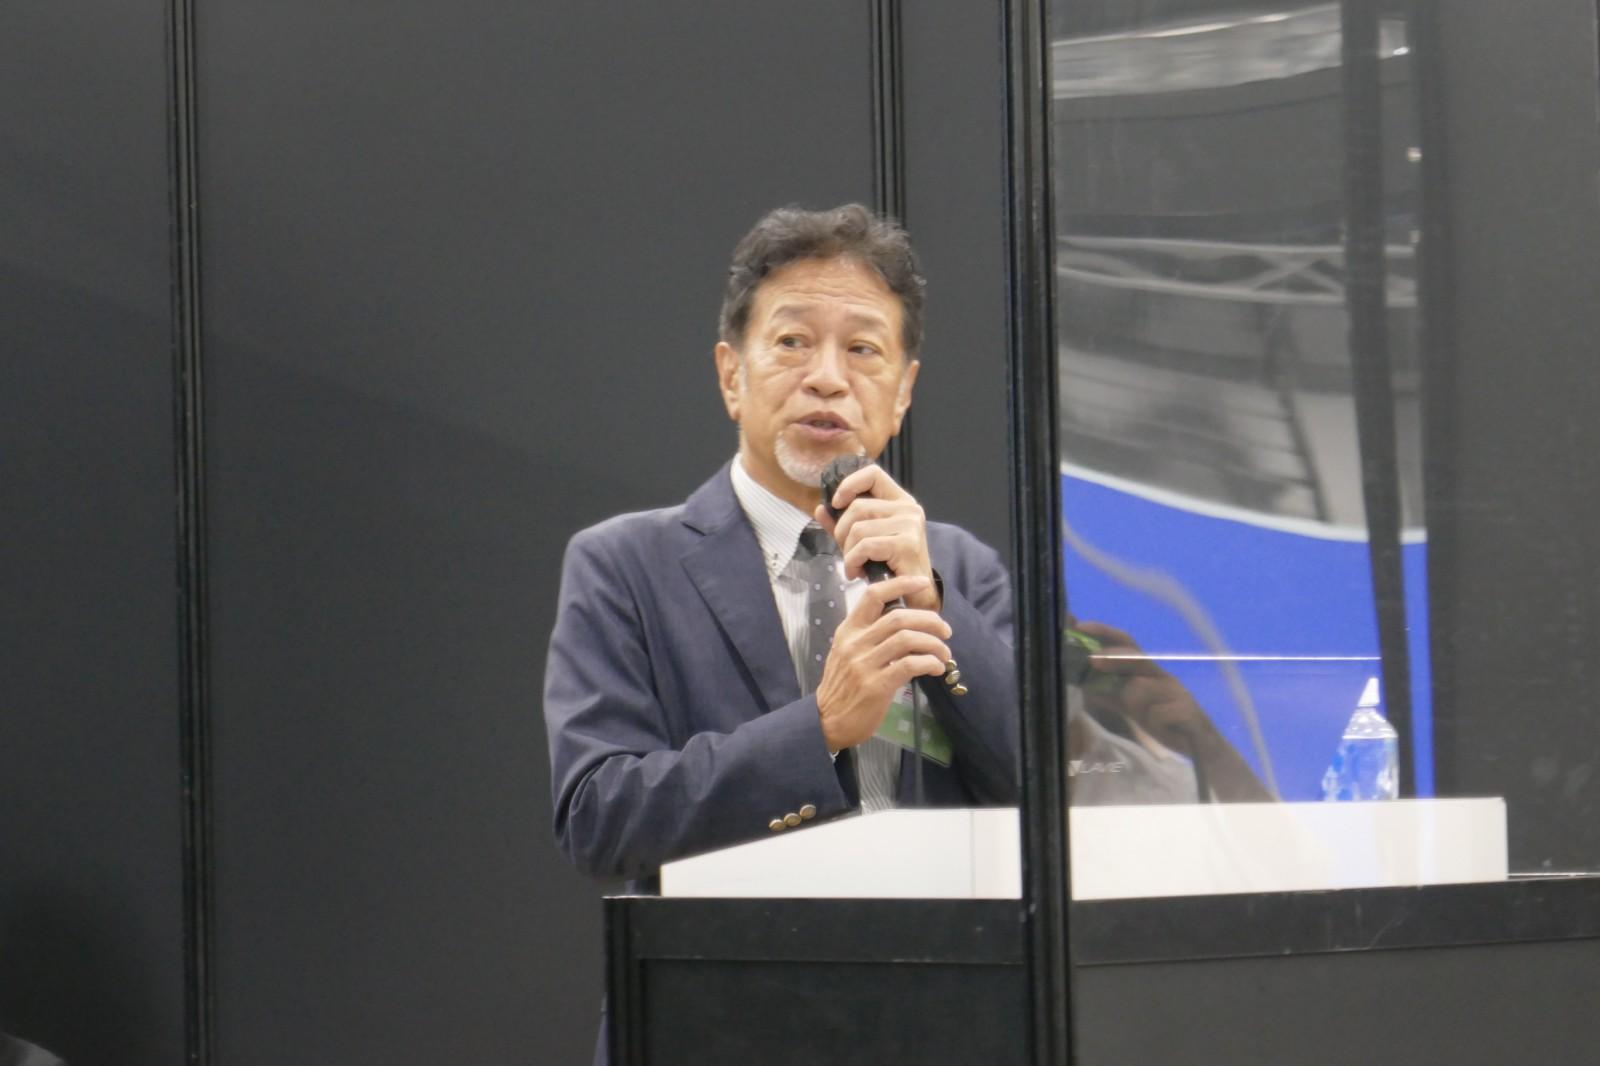 「冷食JAPAN」セミナー充実、未来予想(東京海洋大・鈴木教授)など活発な質疑応答も